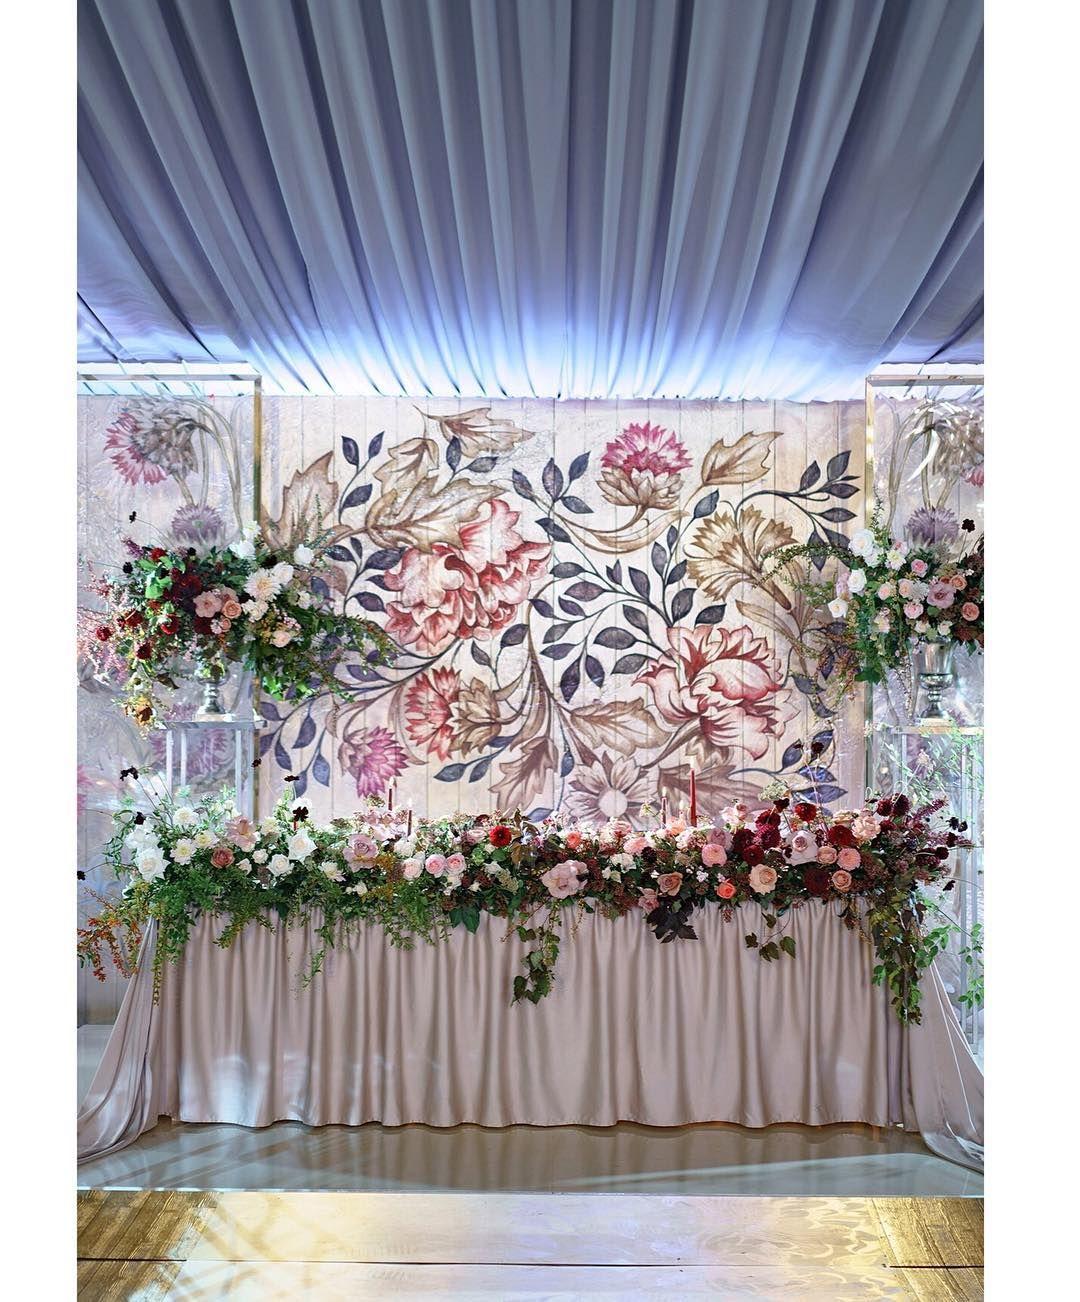 Wedding decorations backdrop  Фантастическое панно ручной работы выполненное по эскизу ткани